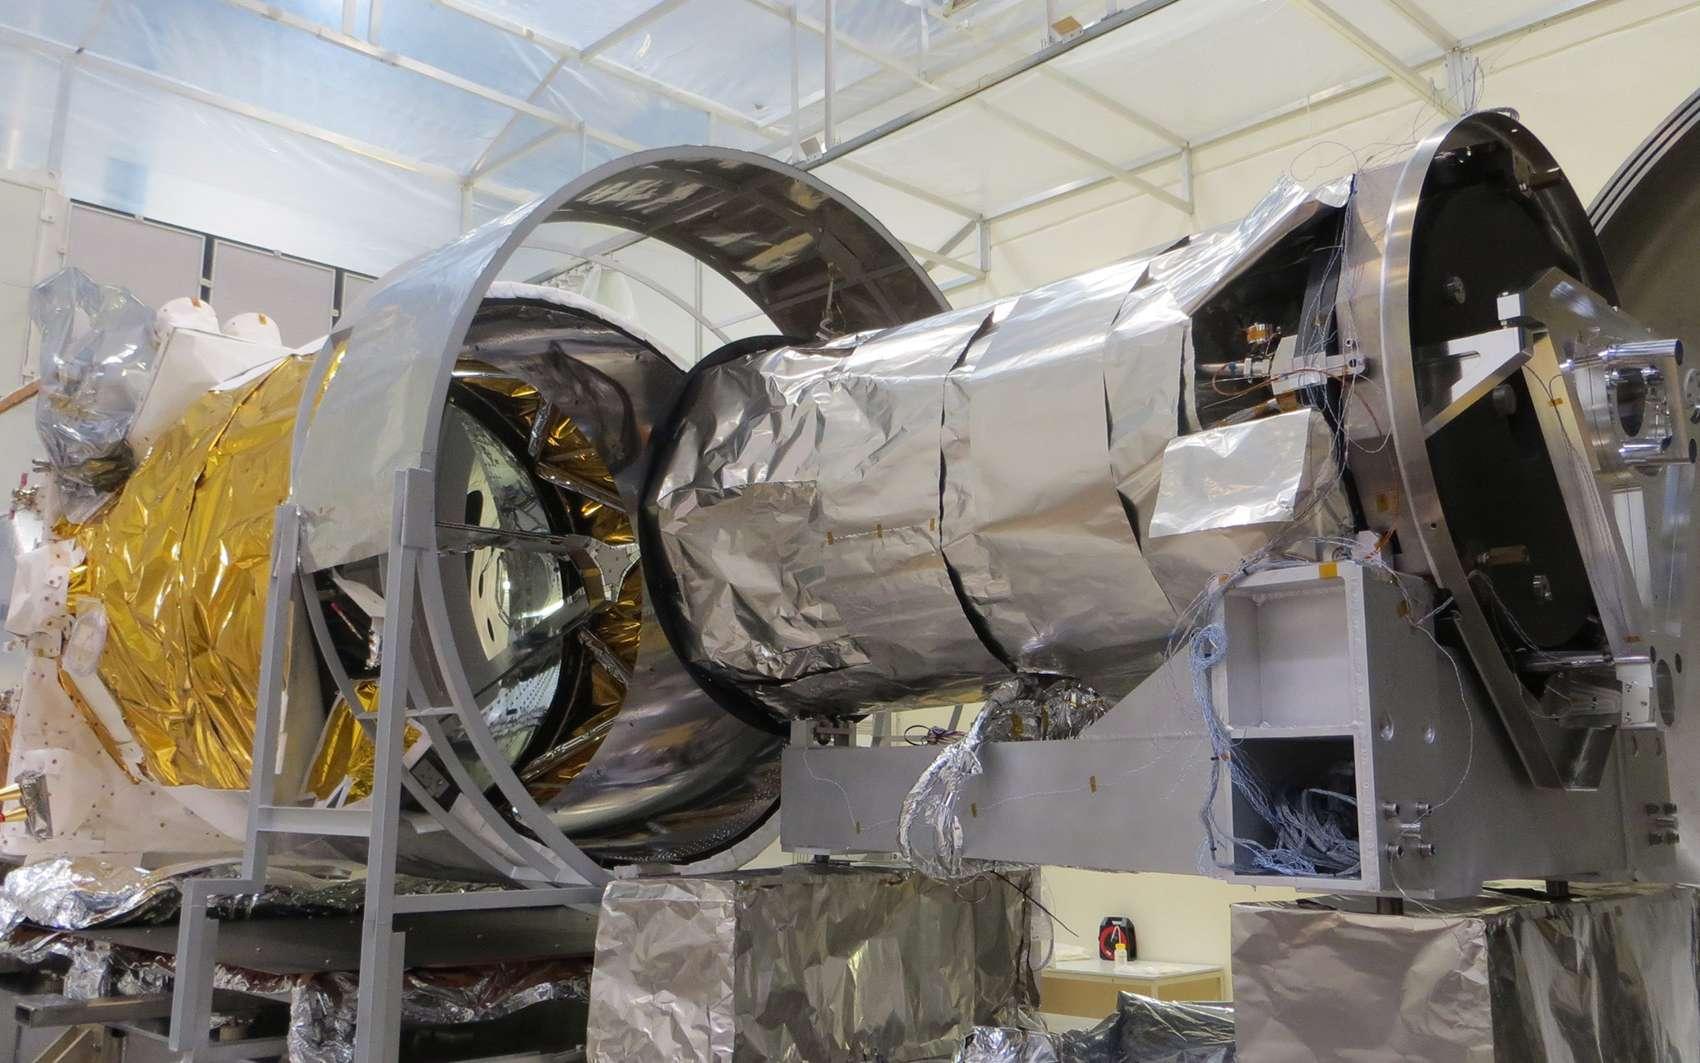 Le satellite ADM-Aeolus, au Centre spatial de Liège, prêt à entrer dans la cuve Focal5, à l'intérieur de laquelle il subira ses essais de vide thermique. © ESA